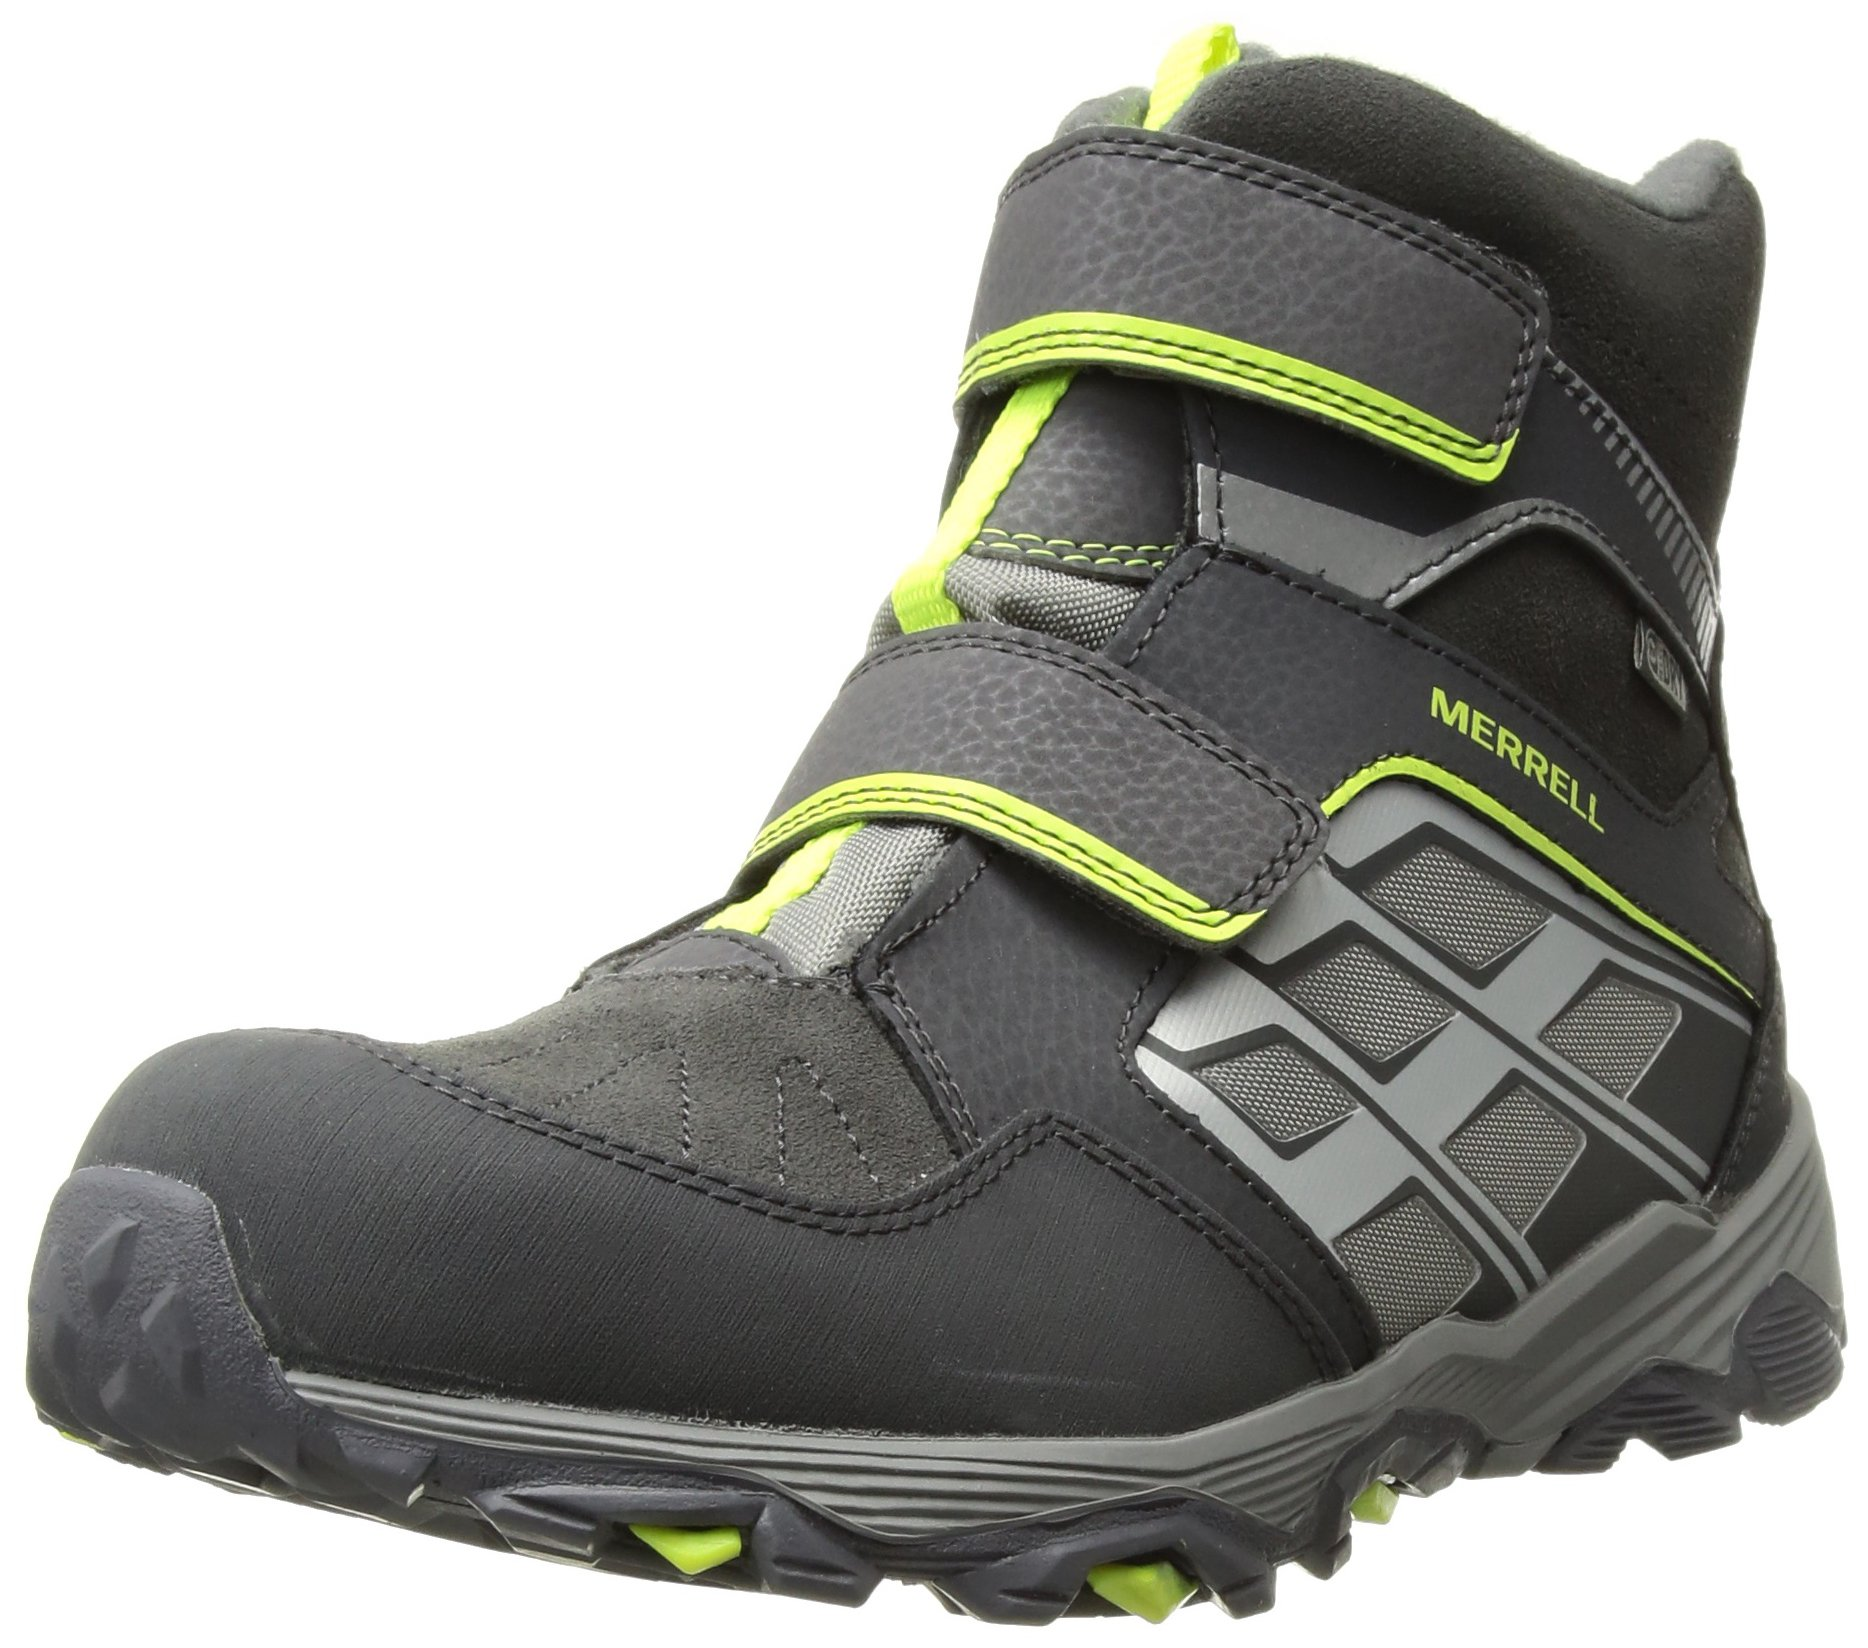 Merrell Moab Fst Polar Mid A/C Waterproof Hiking Boot (Little Kid/Big Kid), Grey, 4 Medium US Big Kid